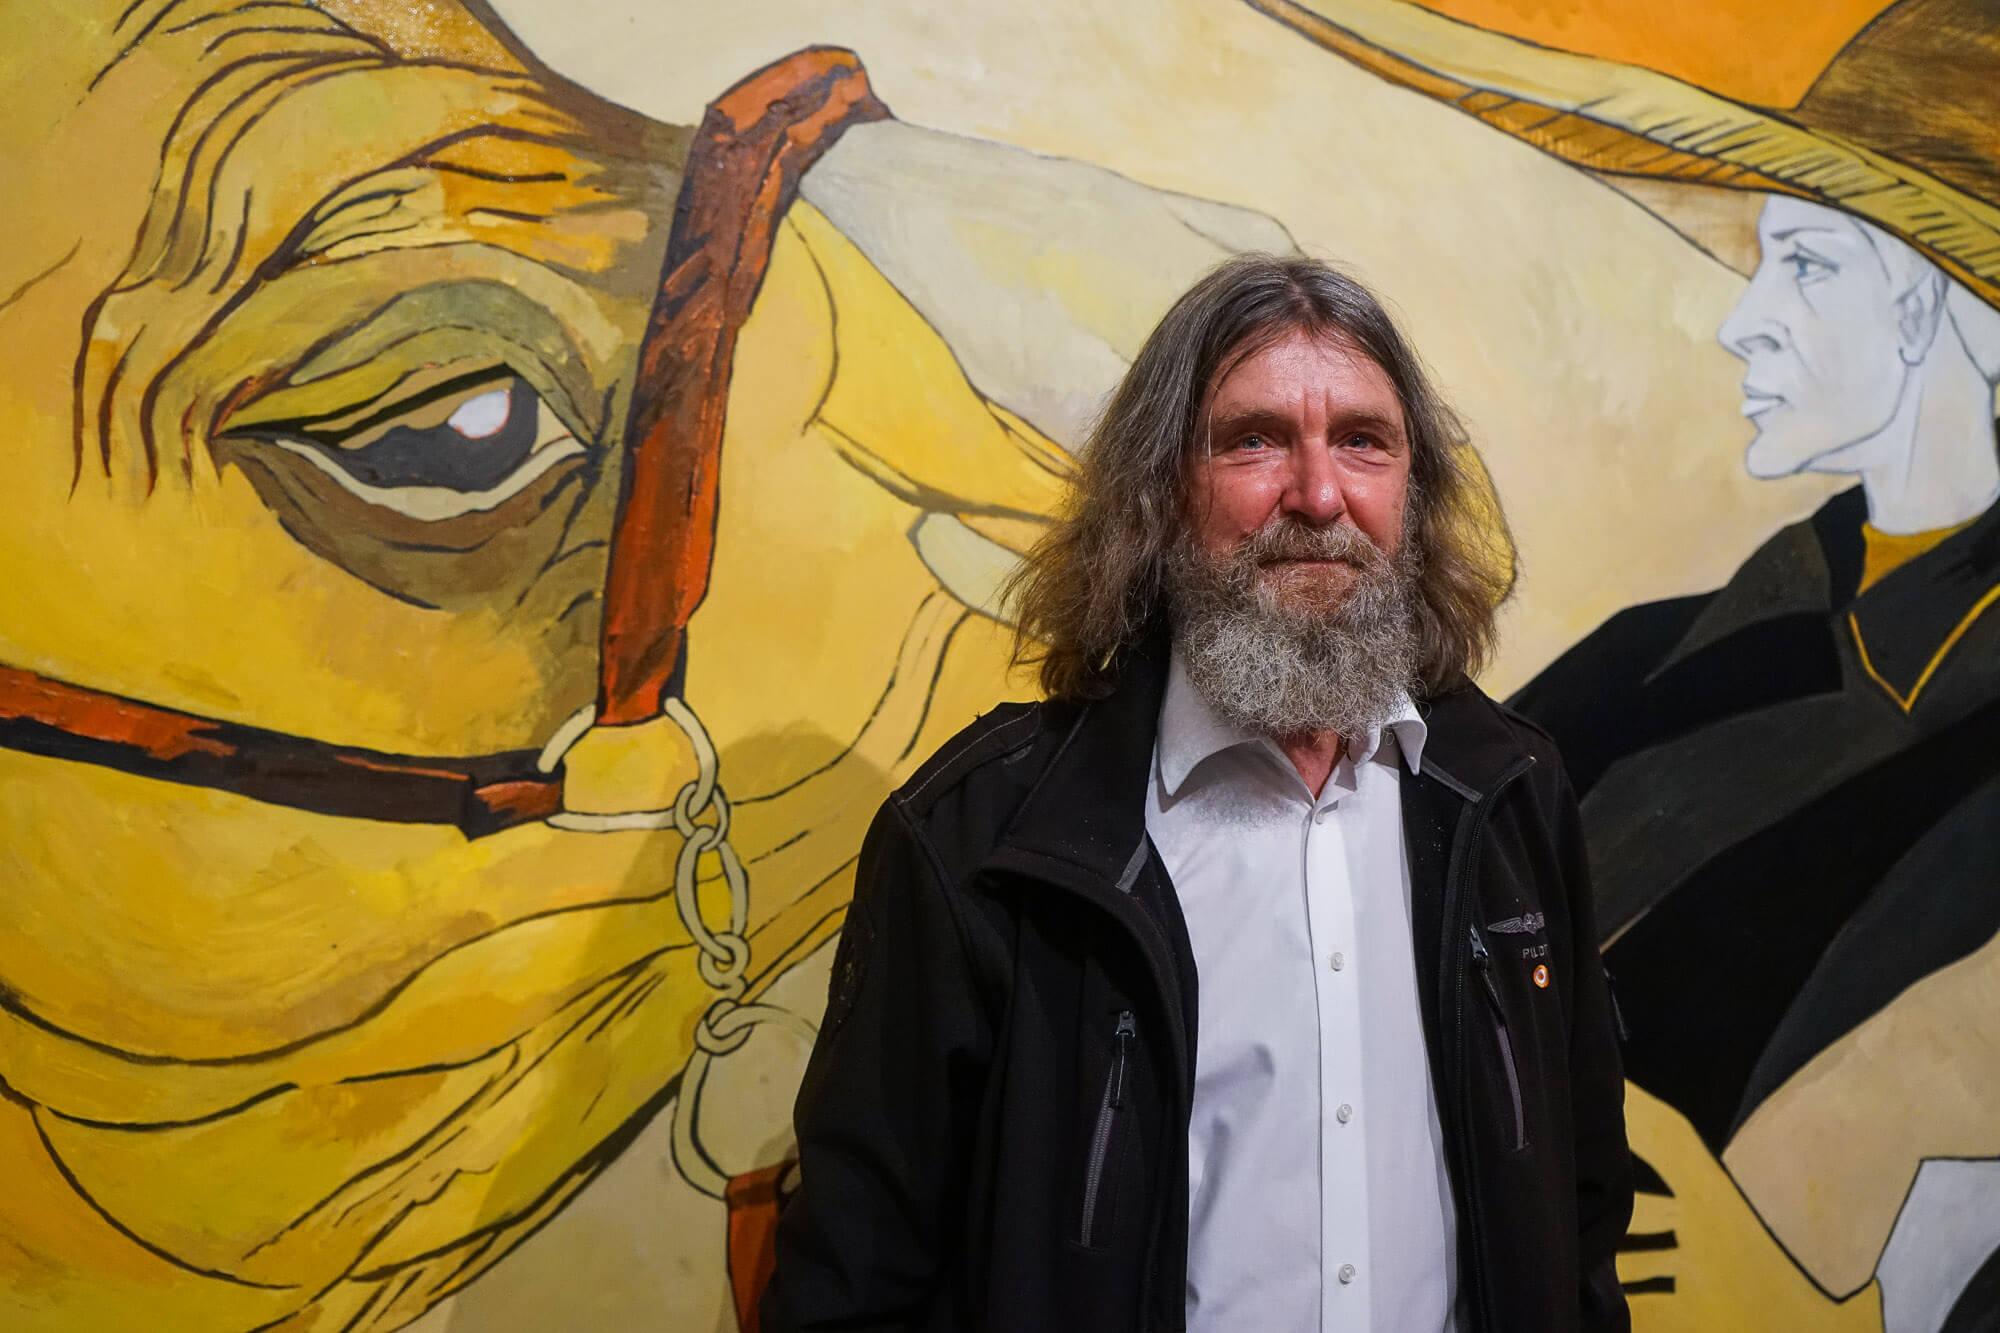 Путешественник Федор Конюхов представил в Краснодаре выставку своих картин